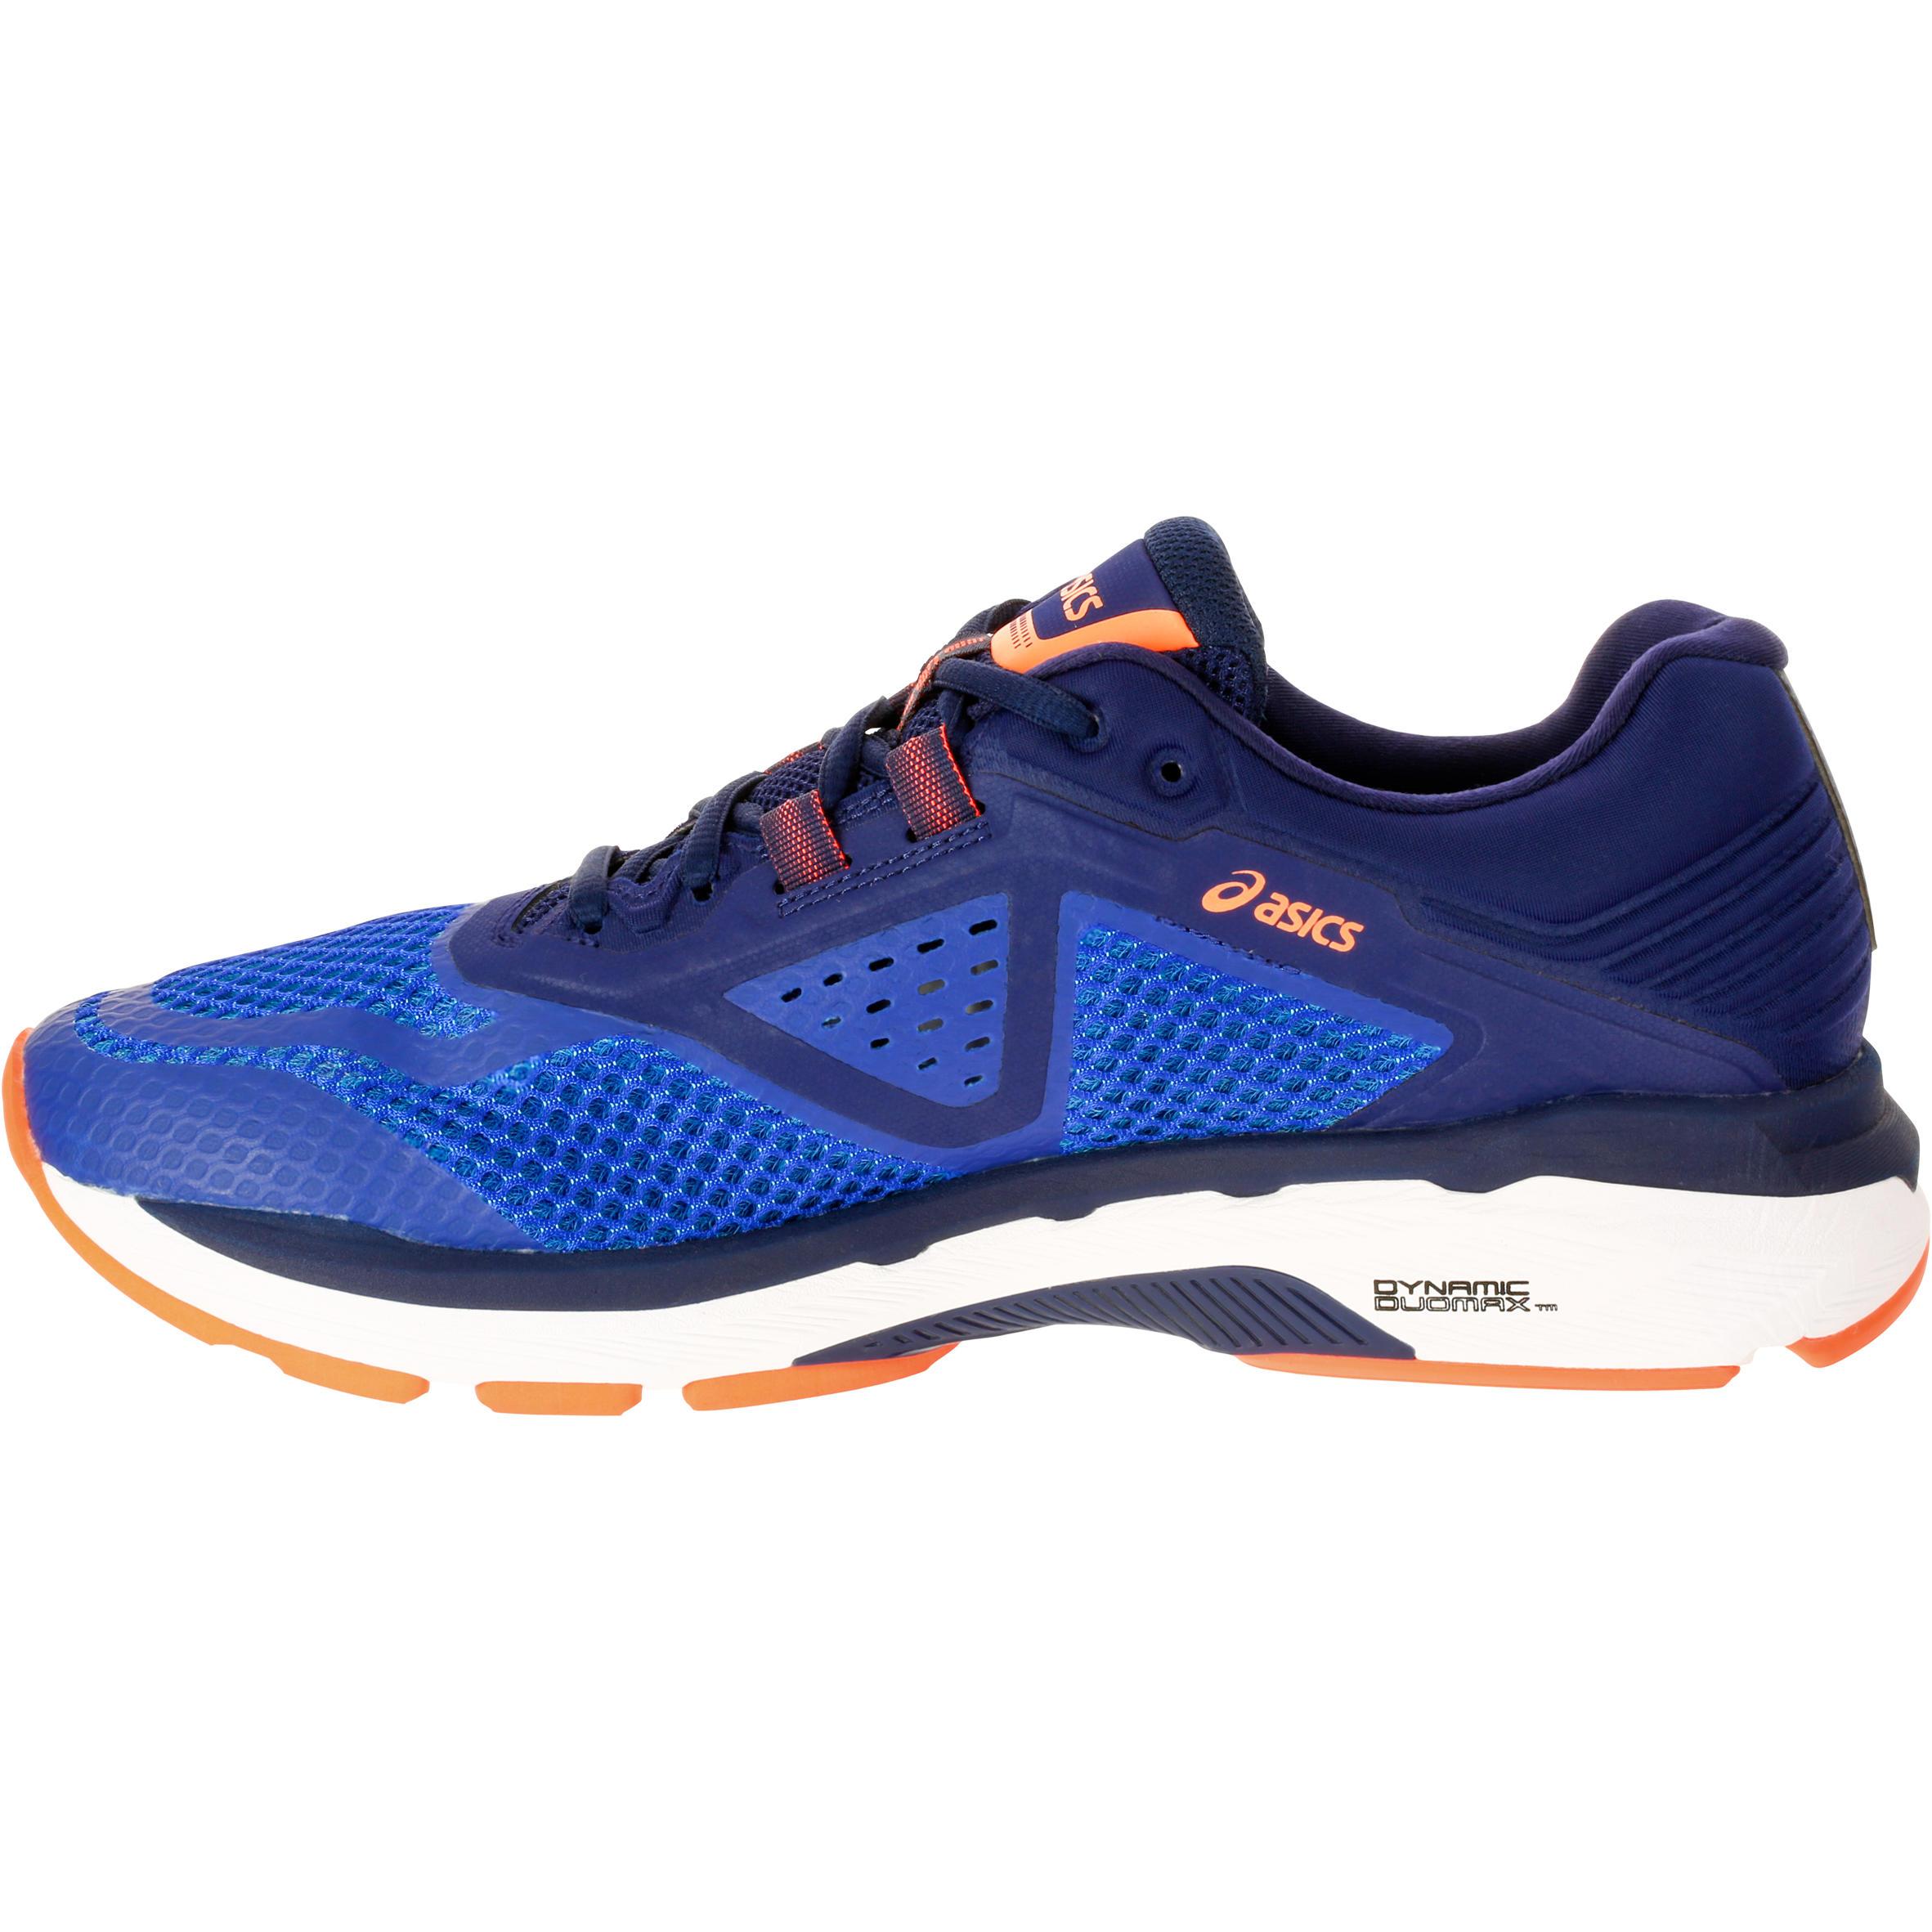 chaussures running asics gel gt 2000 6 homme bleu asics